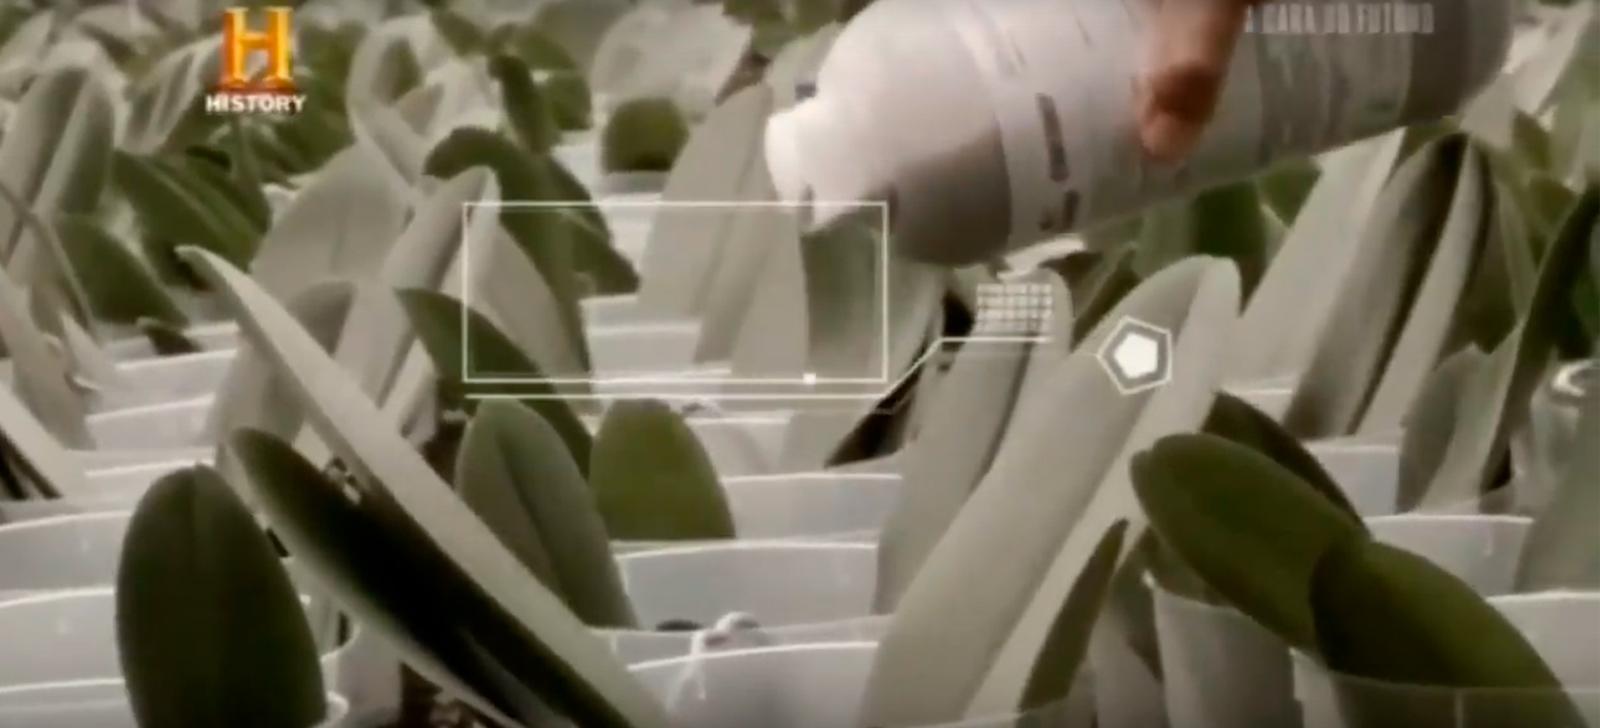 Programa do History Channel destaca a tecnologia desenvolvida pela PROMIP em controle biológico de pragas